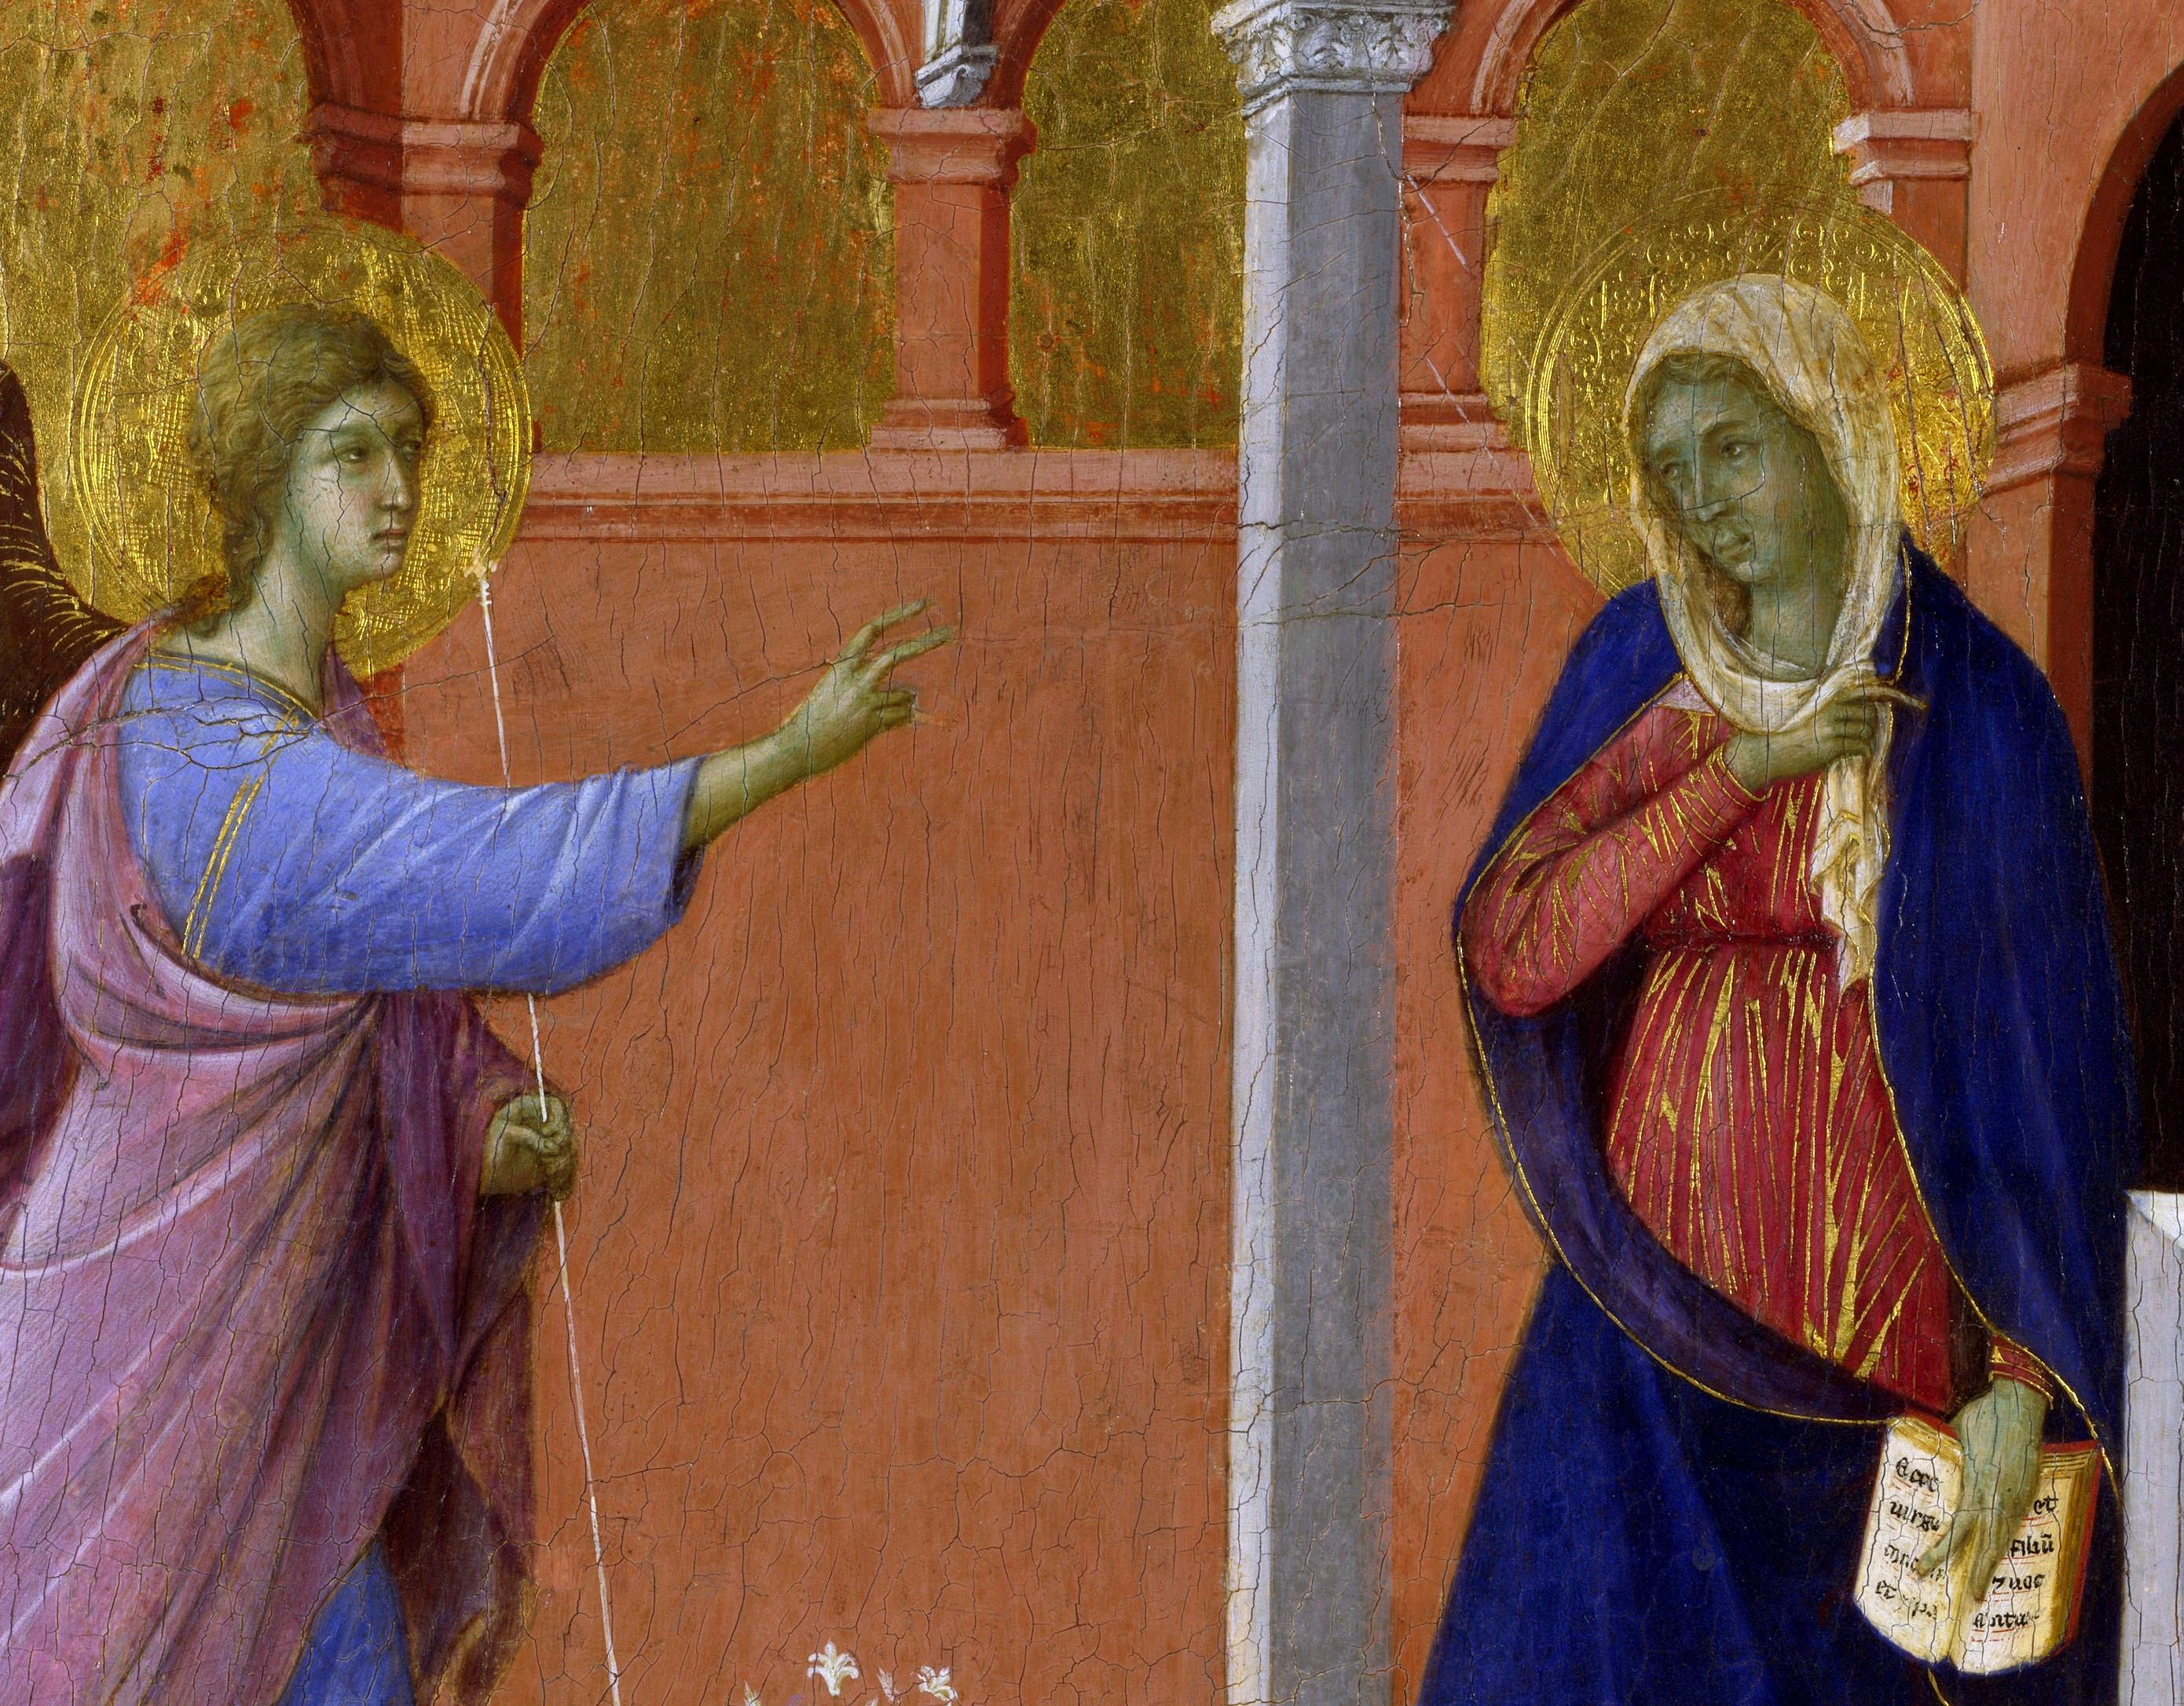 Duccio di Boninsegna, Maestà del Duomo di Siena (particolari dell'Annunciazione) (1308-1311), tempera e oro su tavola, dal Duomo di Siena, Londra,National Gallery